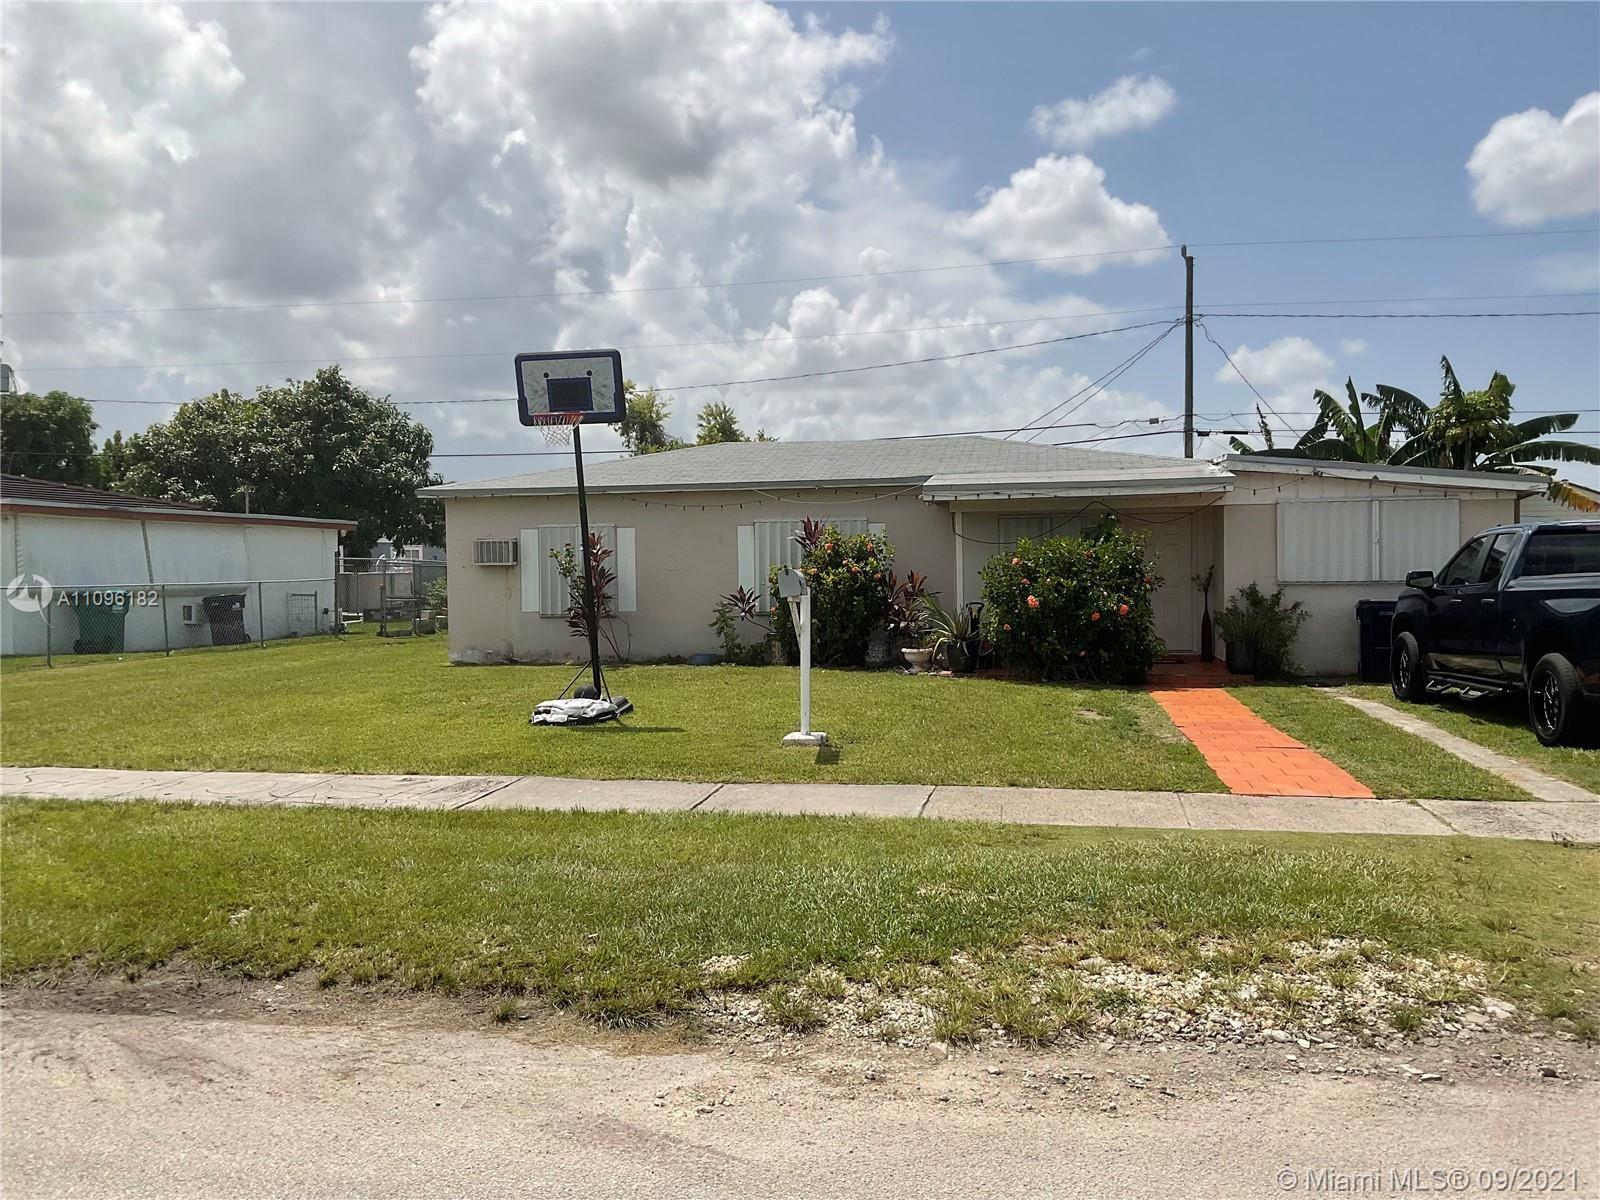 14600 Pierce St, Miami, FL 33176 - #: A11096182